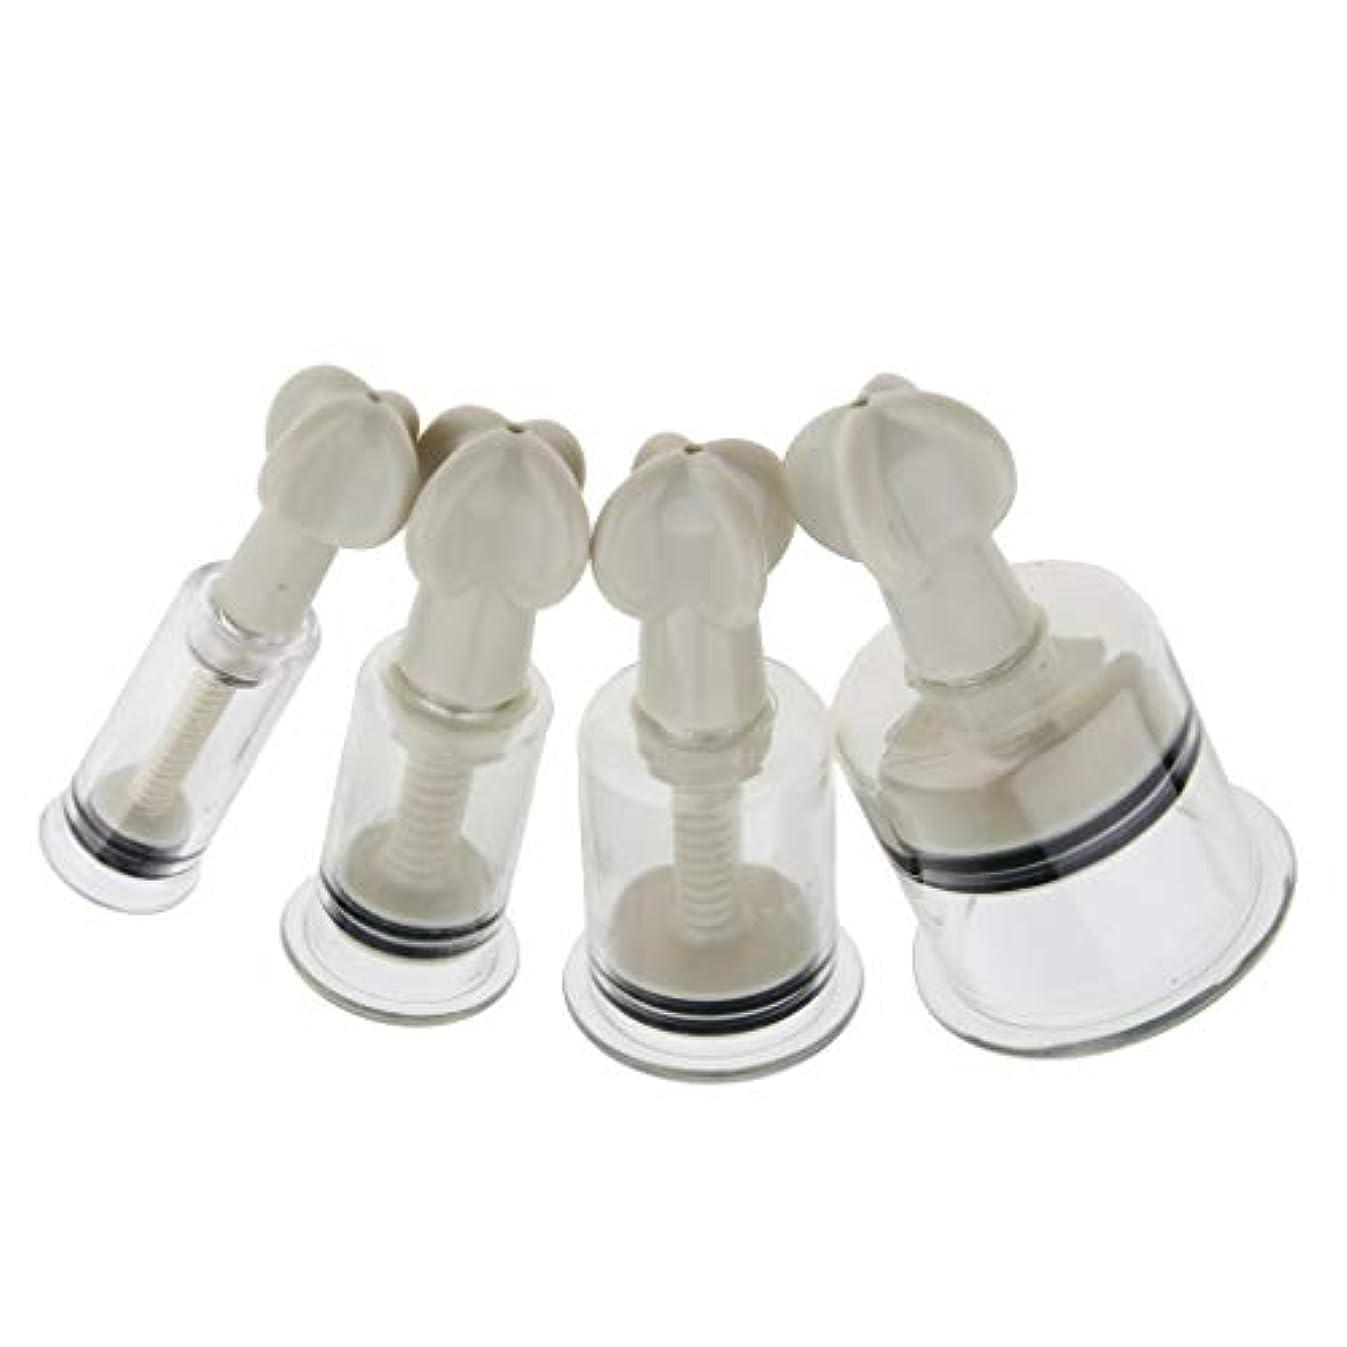 起点かわいらしい異邦人Baoblaze 真空カッピングセット マッサージカップ 吸い玉 筋肉痛救済 男女兼用 4個 プラスチック製 高品質